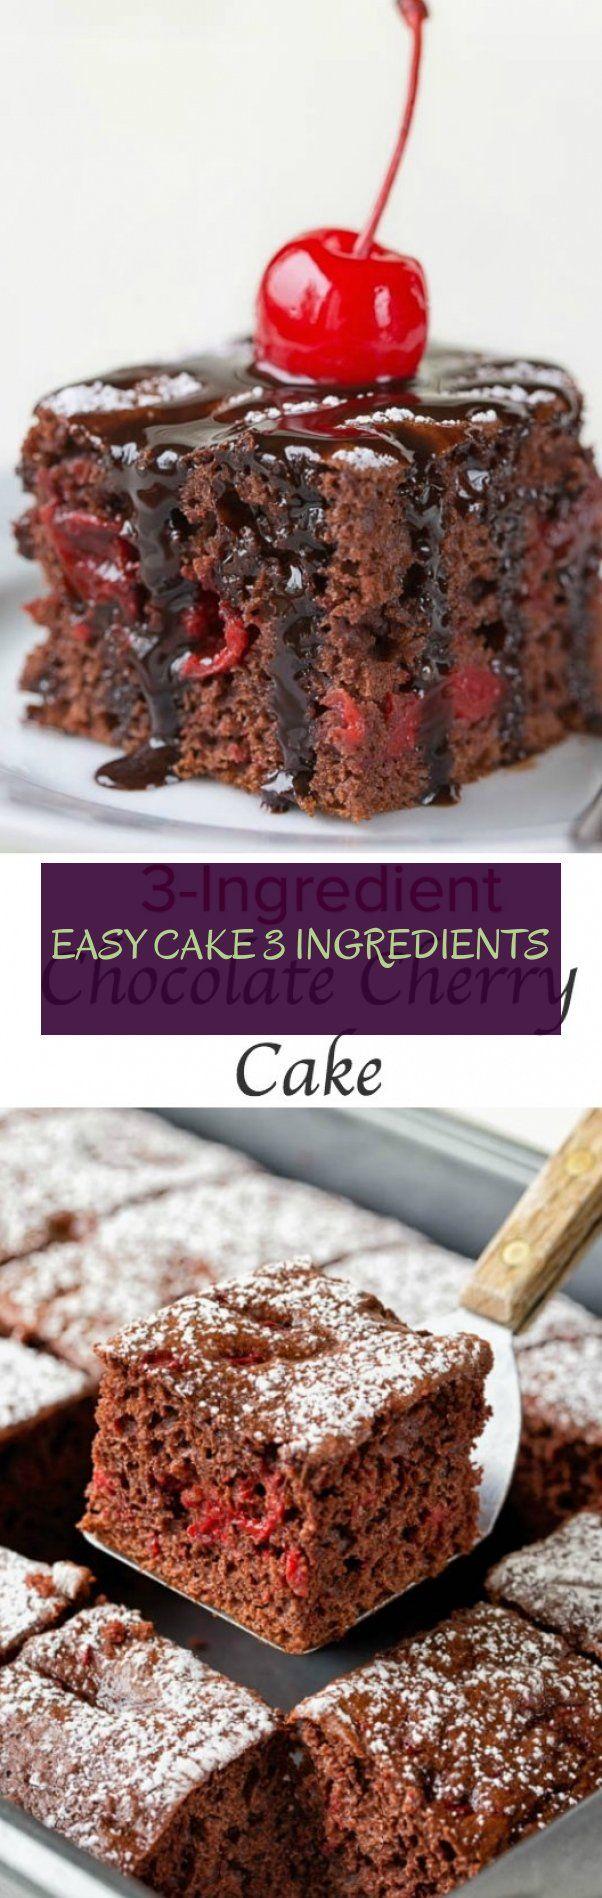 easy cake 3 ingredients